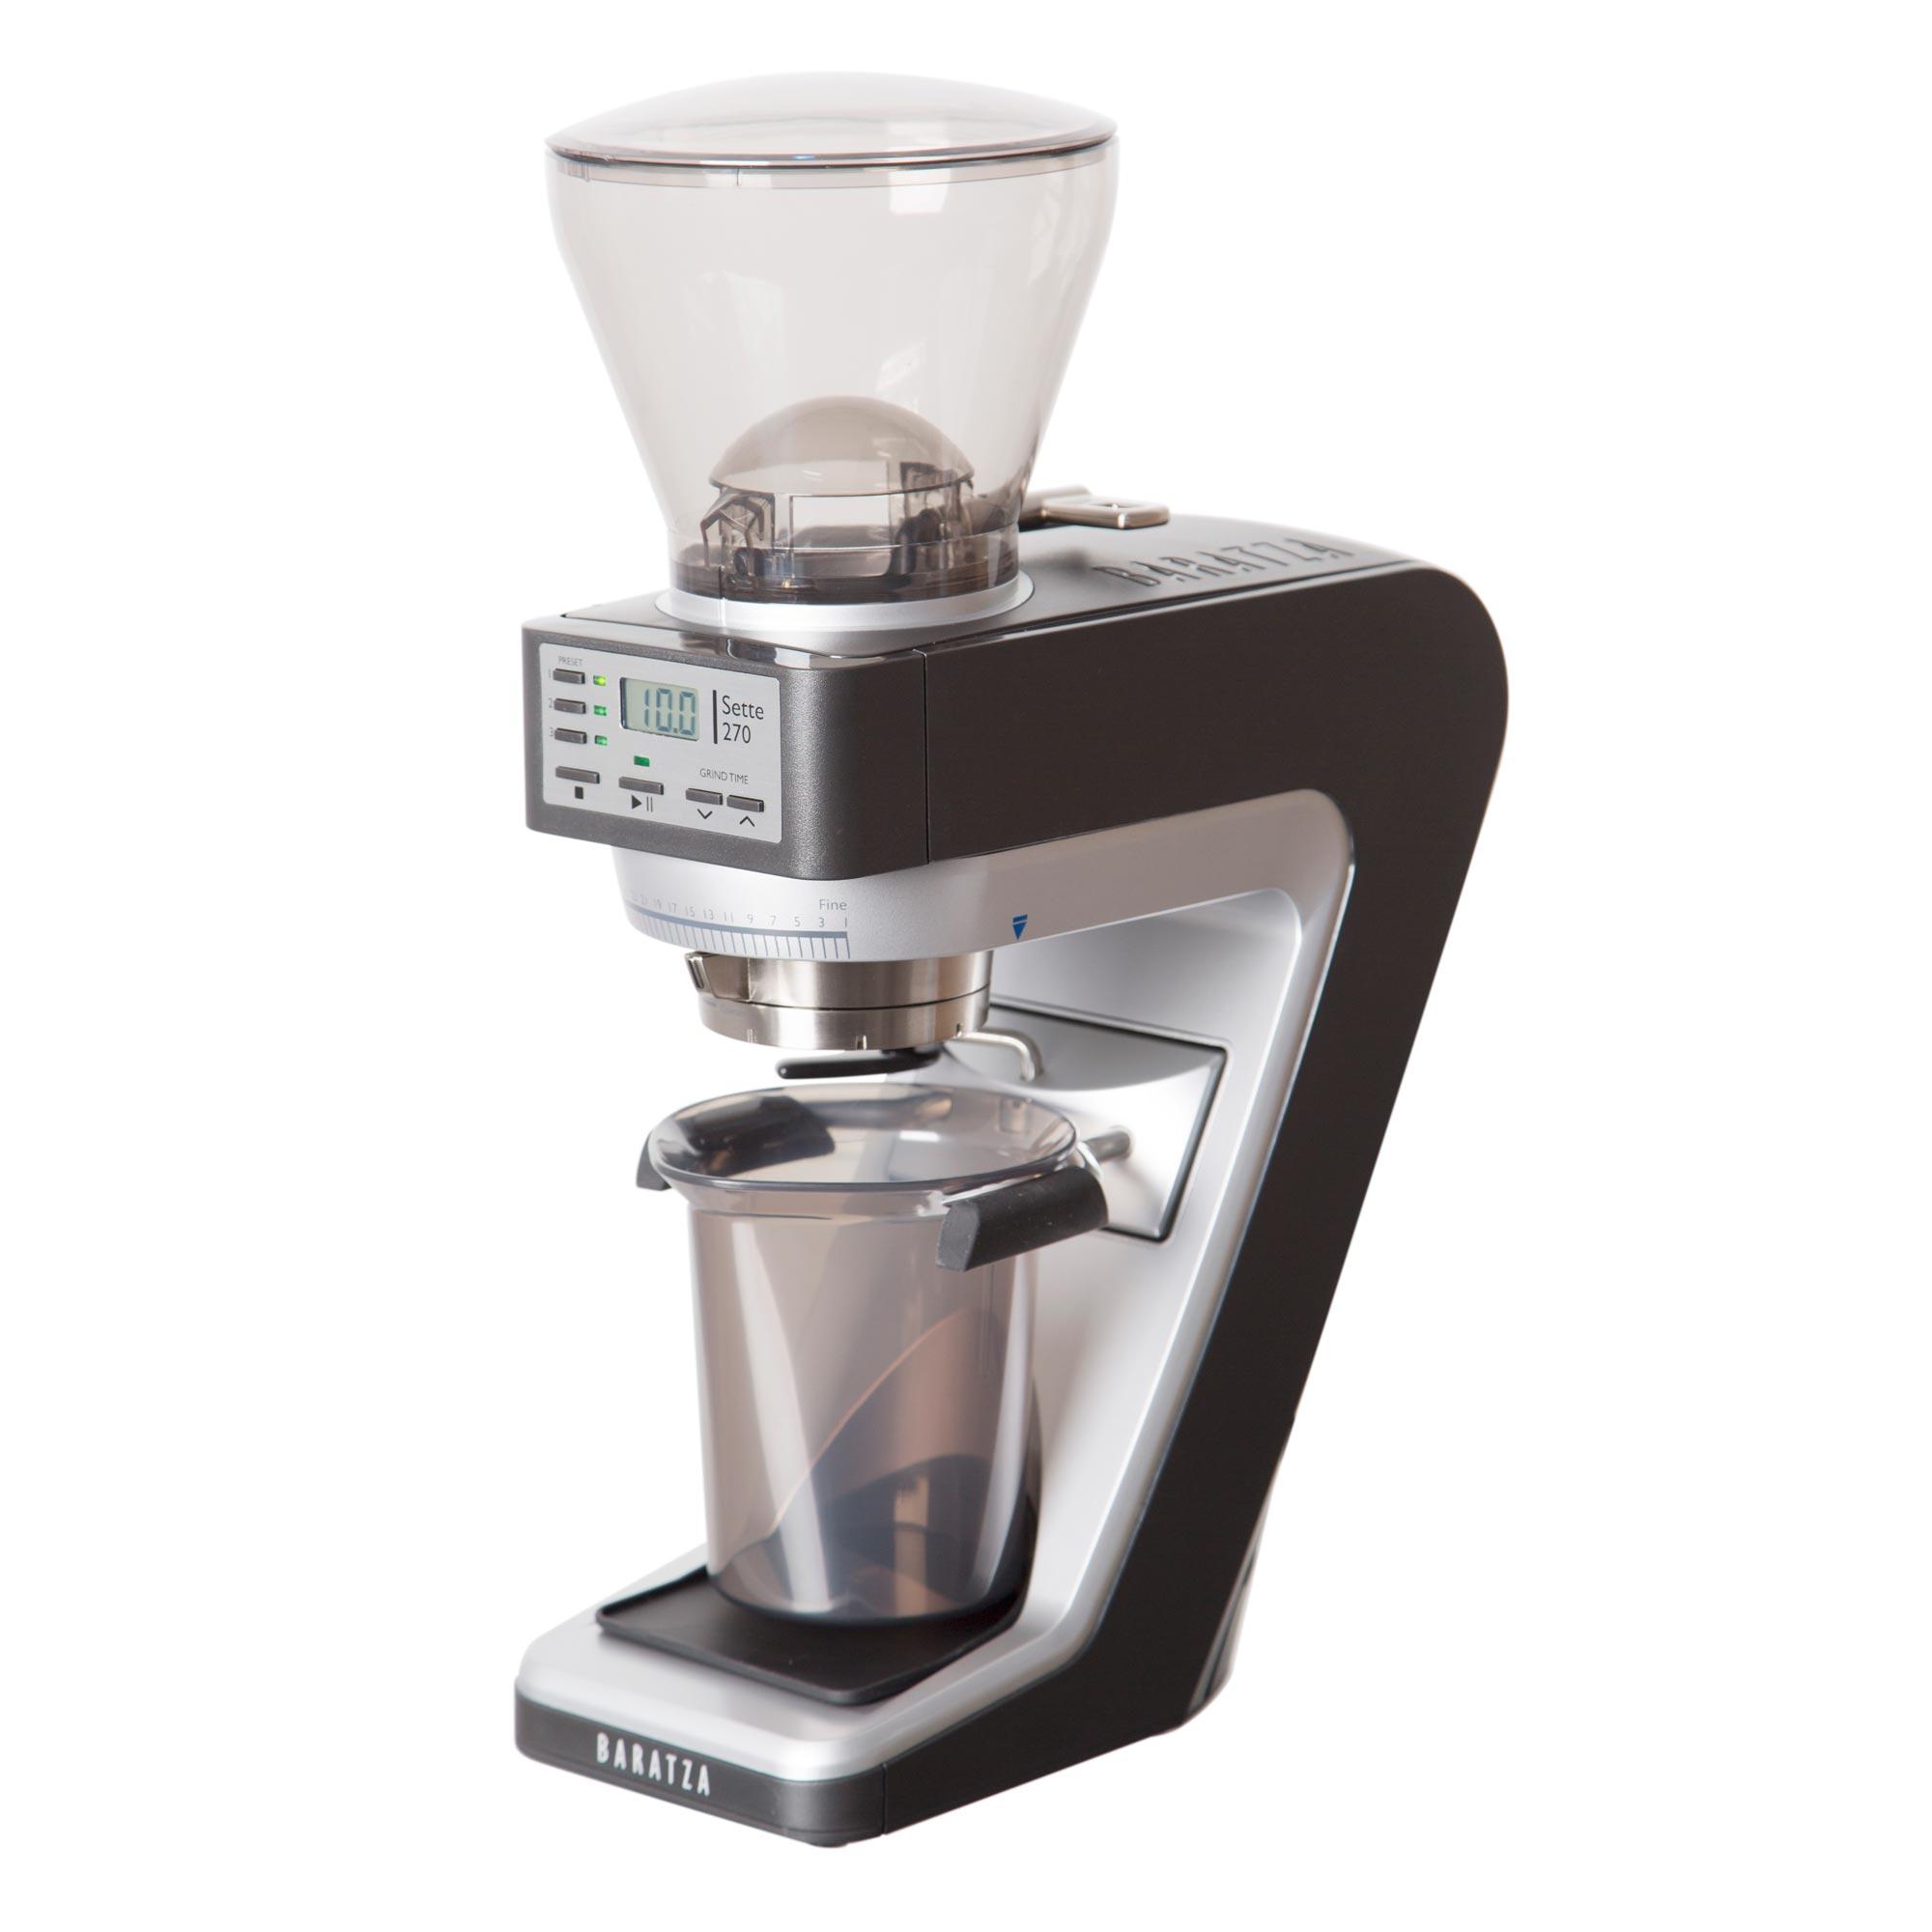 Rancilio Silvia M Black Espresso Machine and Baratza Vario Grinder Bundle